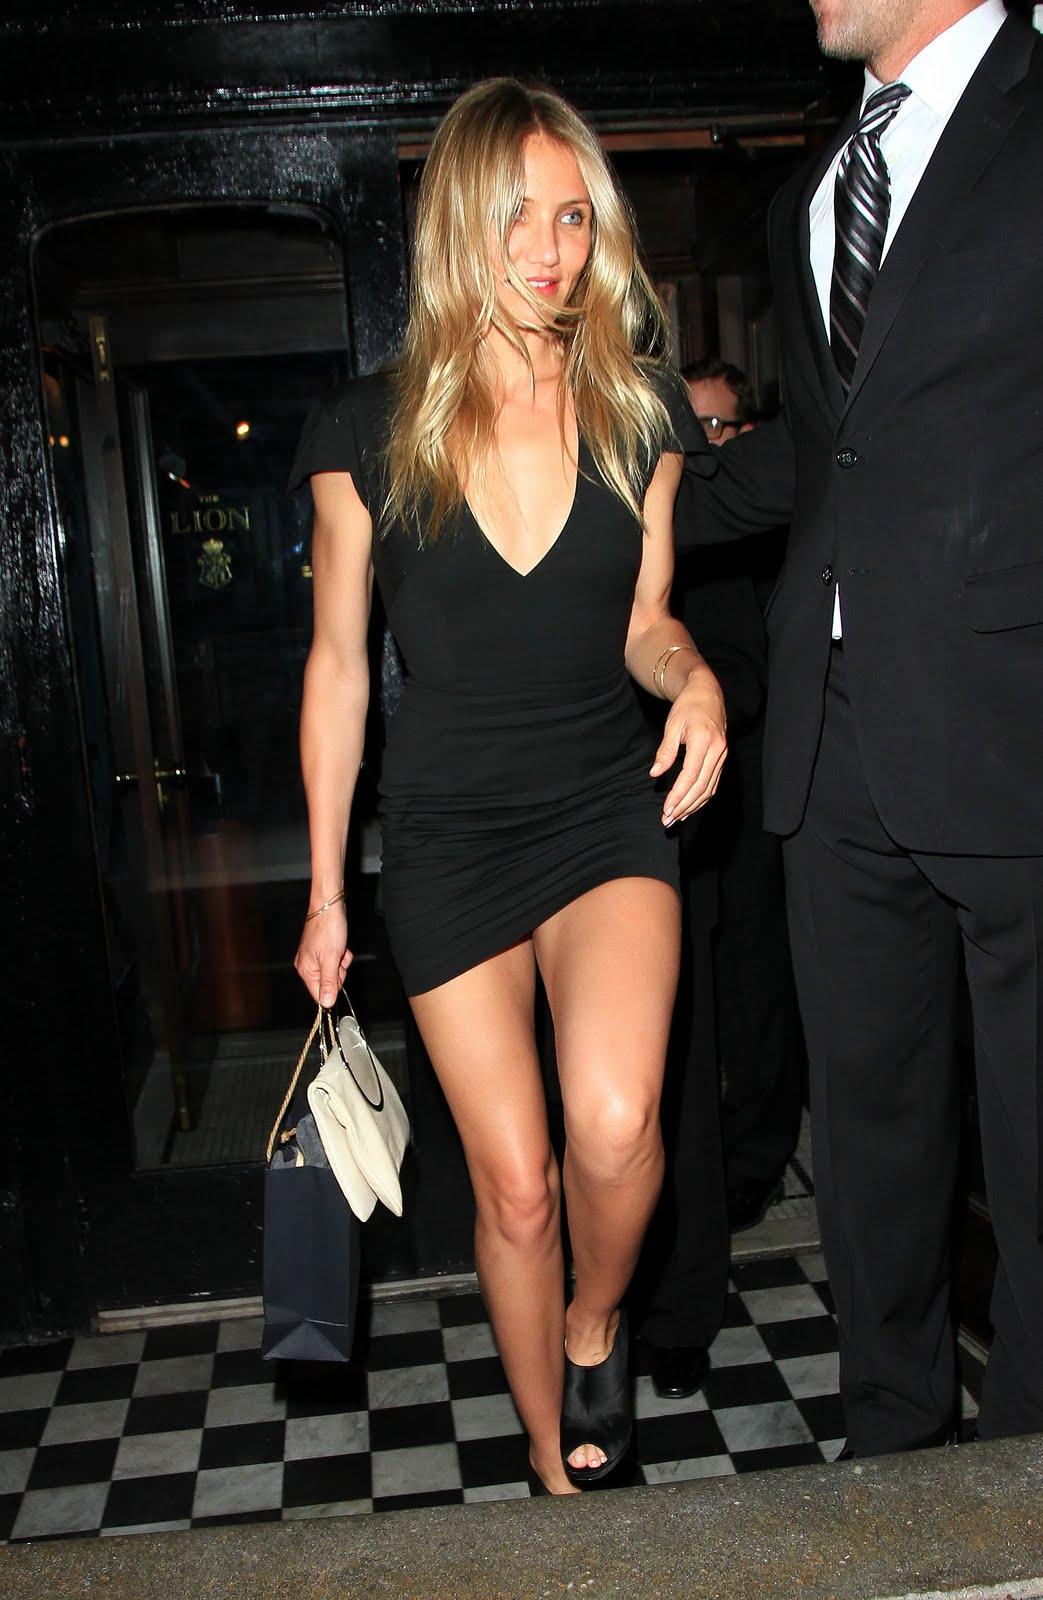 http://1.bp.blogspot.com/_5wt45Sgxoi8/TH4WLVrnO1I/AAAAAAAABHc/_AtINWnOOjs/s1600/cameron_diaz_little_black_dress_1.jpg